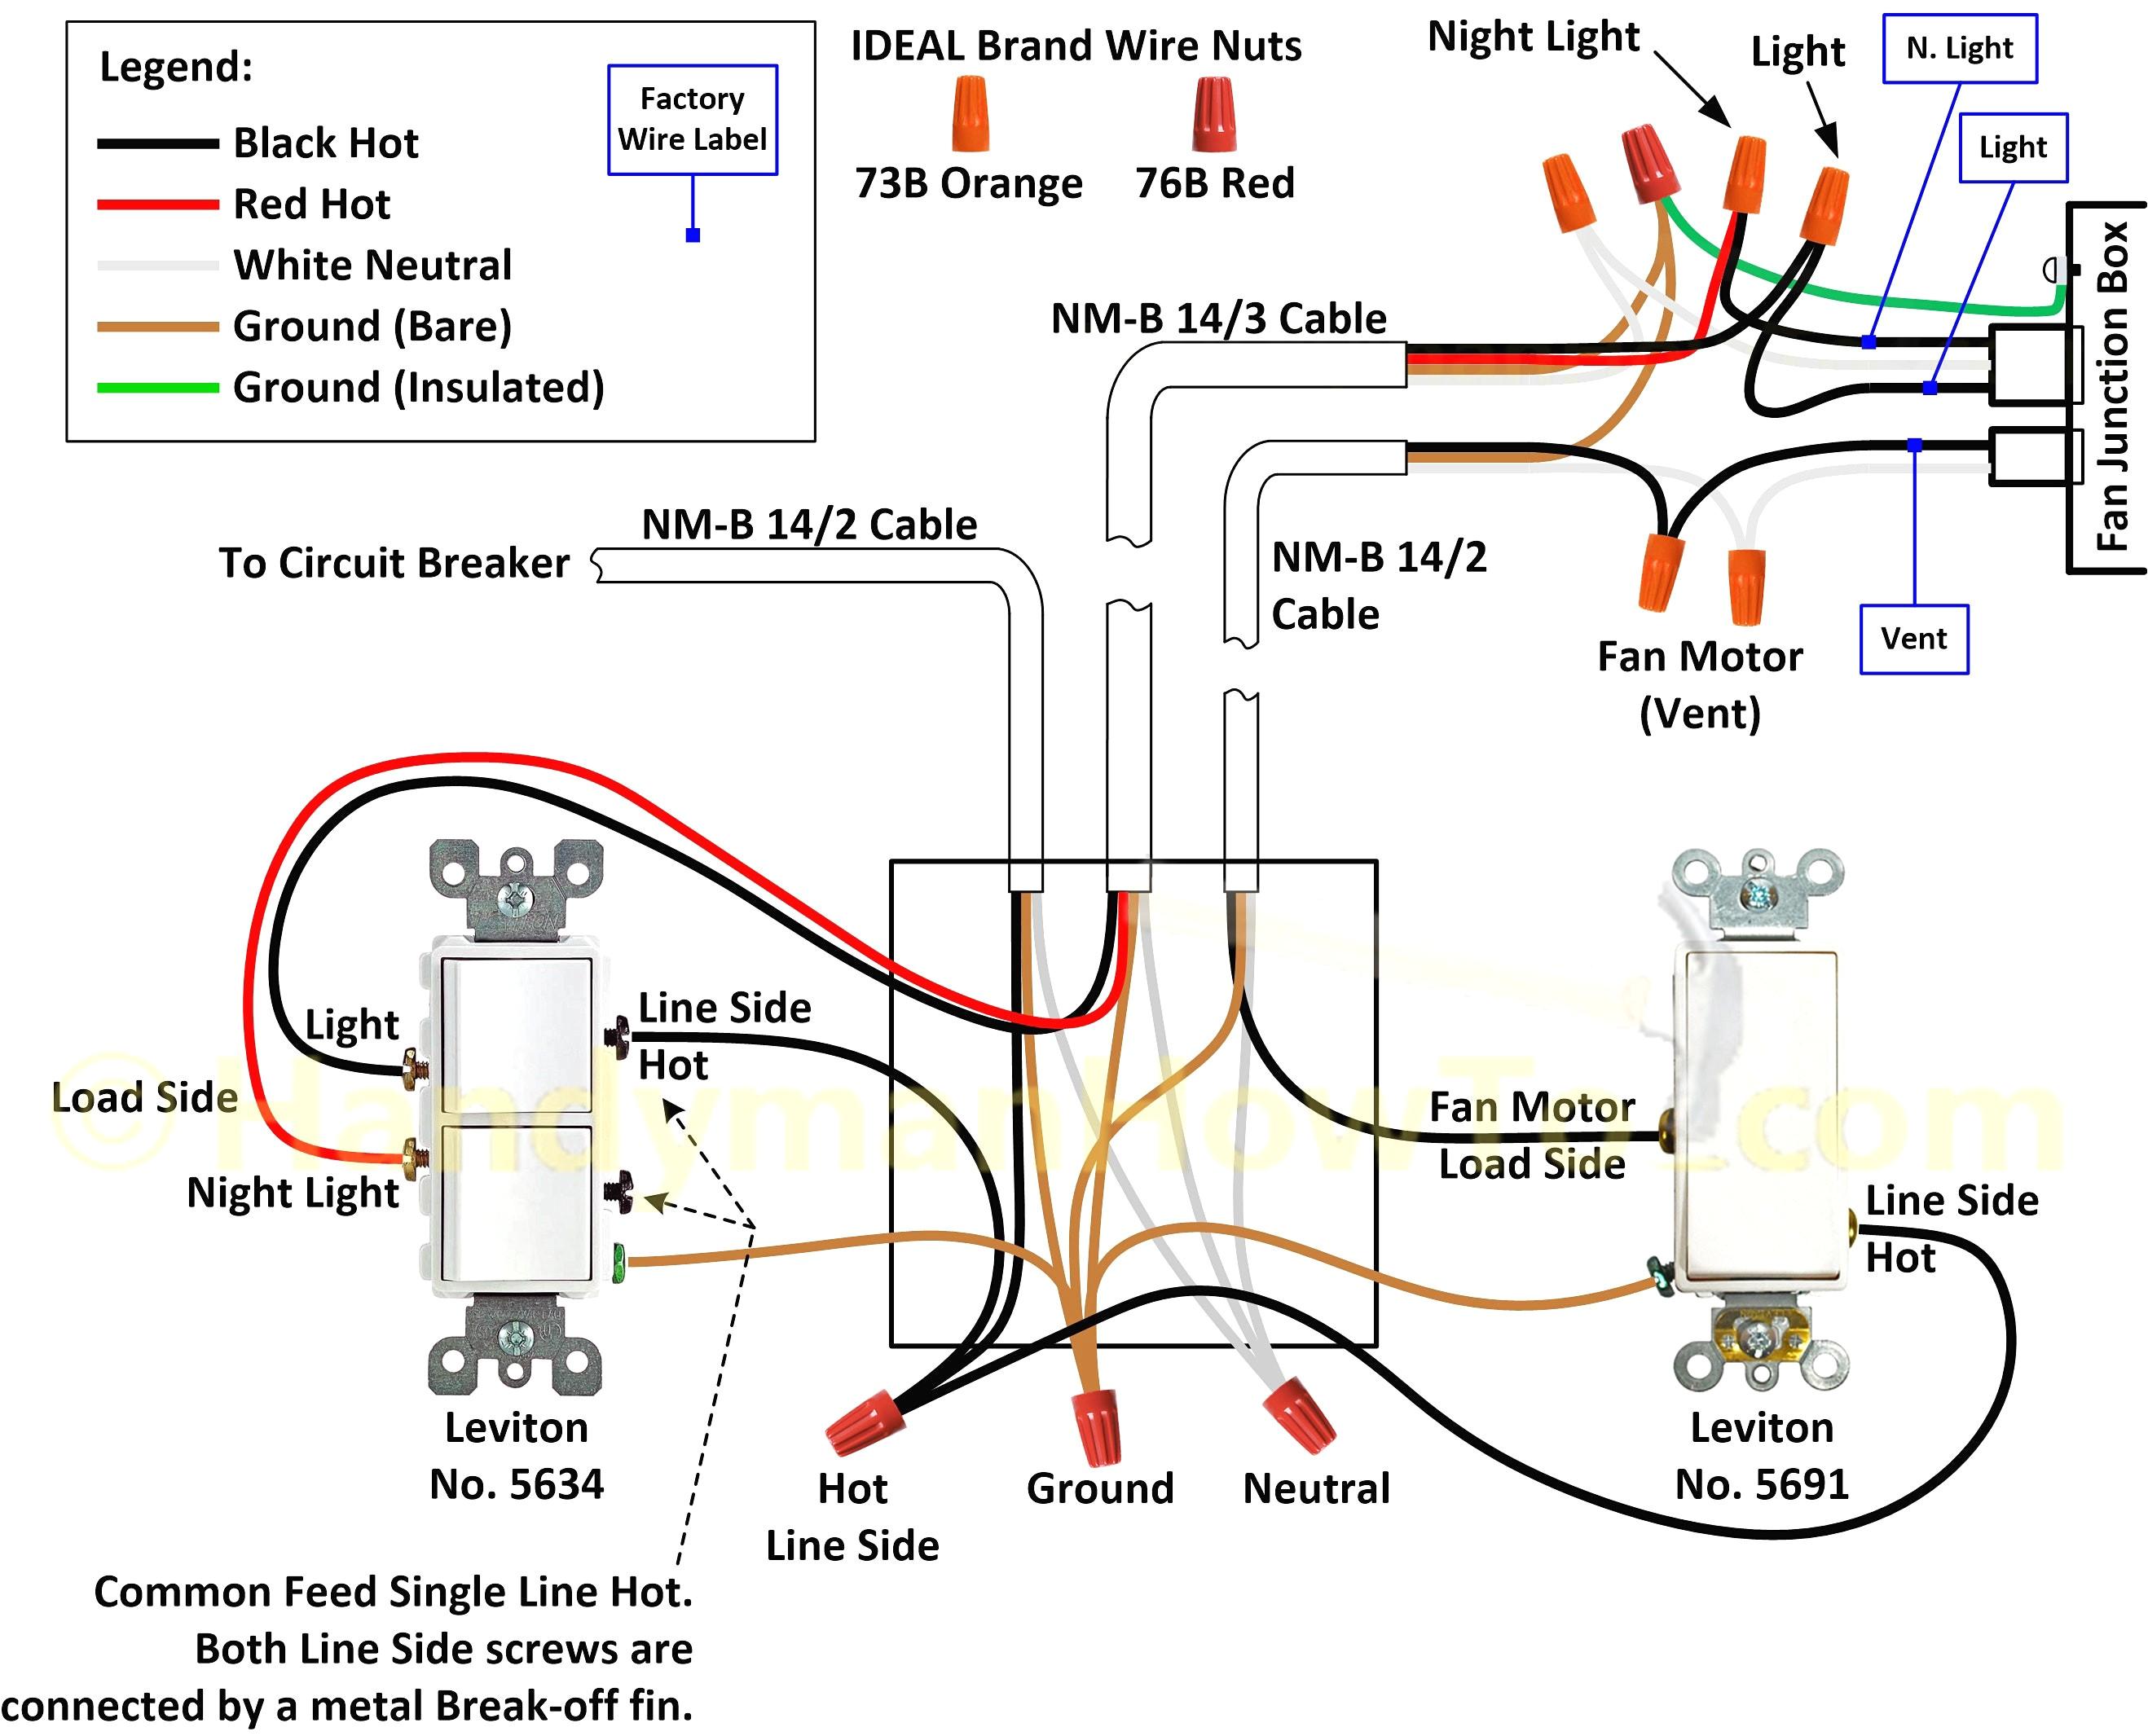 leviton 4 way dimmer switch diagram wiring diagram all way switch diagram 14 leviton 4 way dimmer switch caroldoey